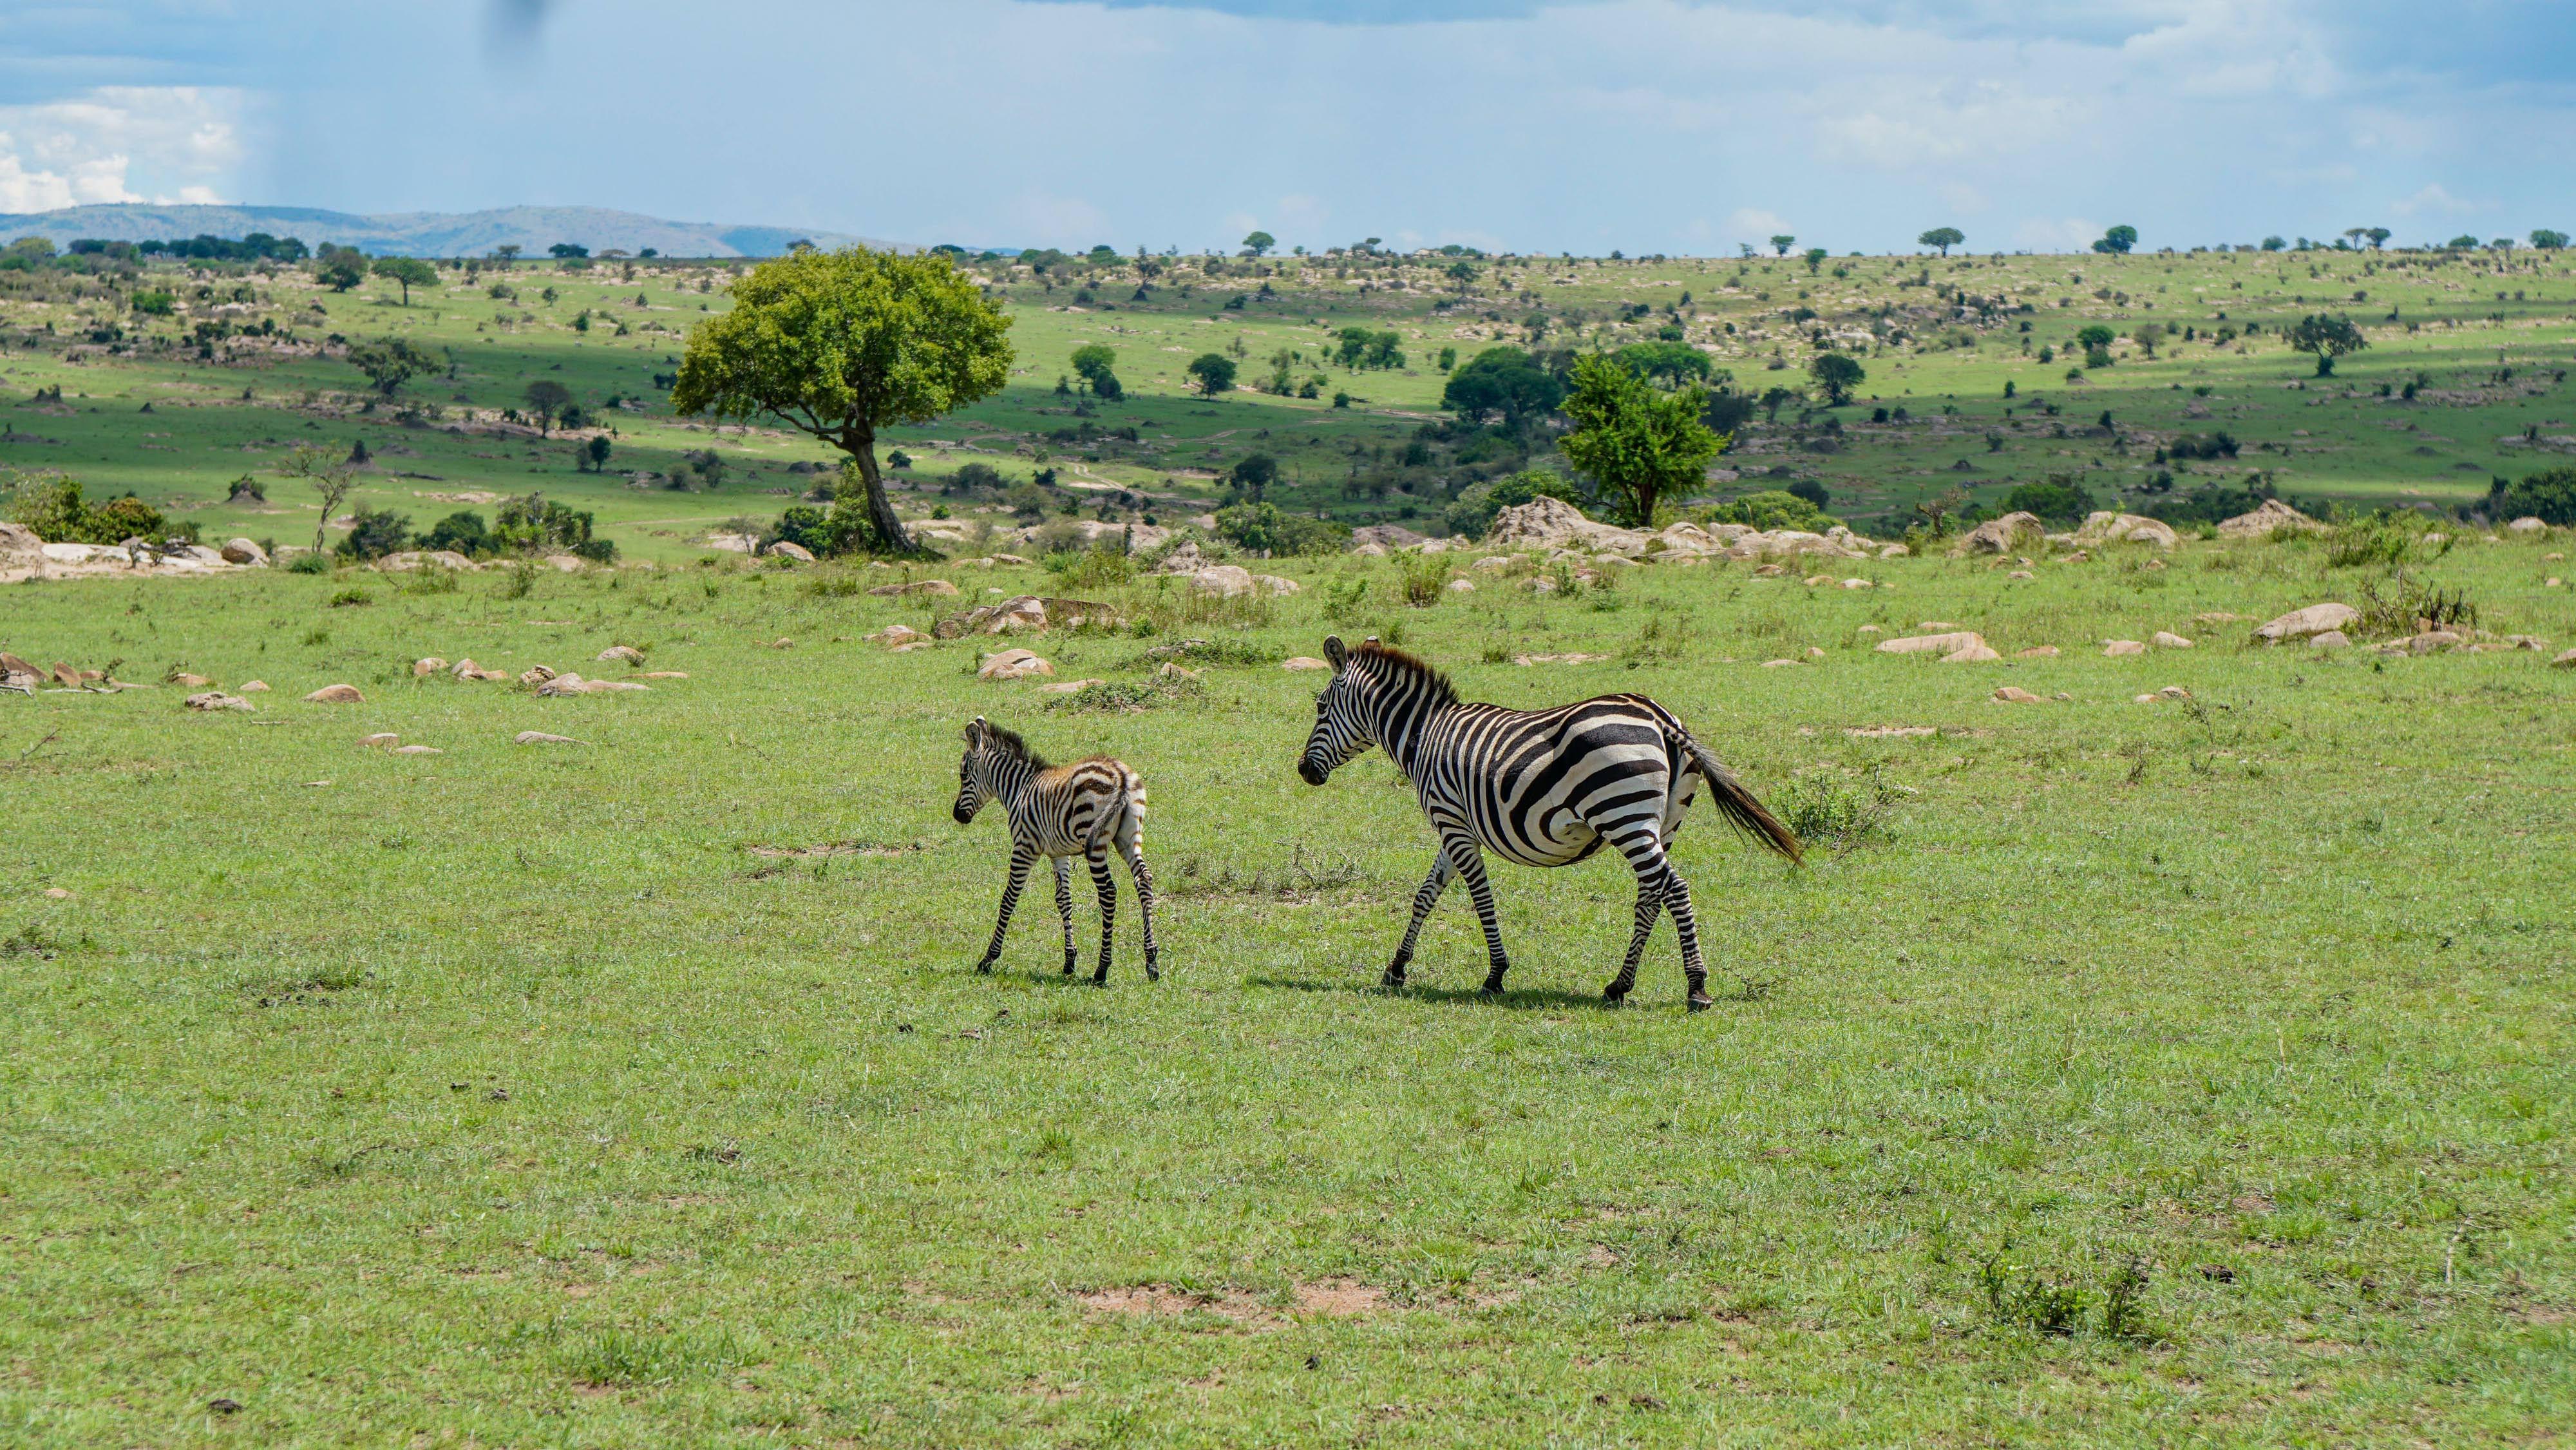 Two zebras walking in an open field